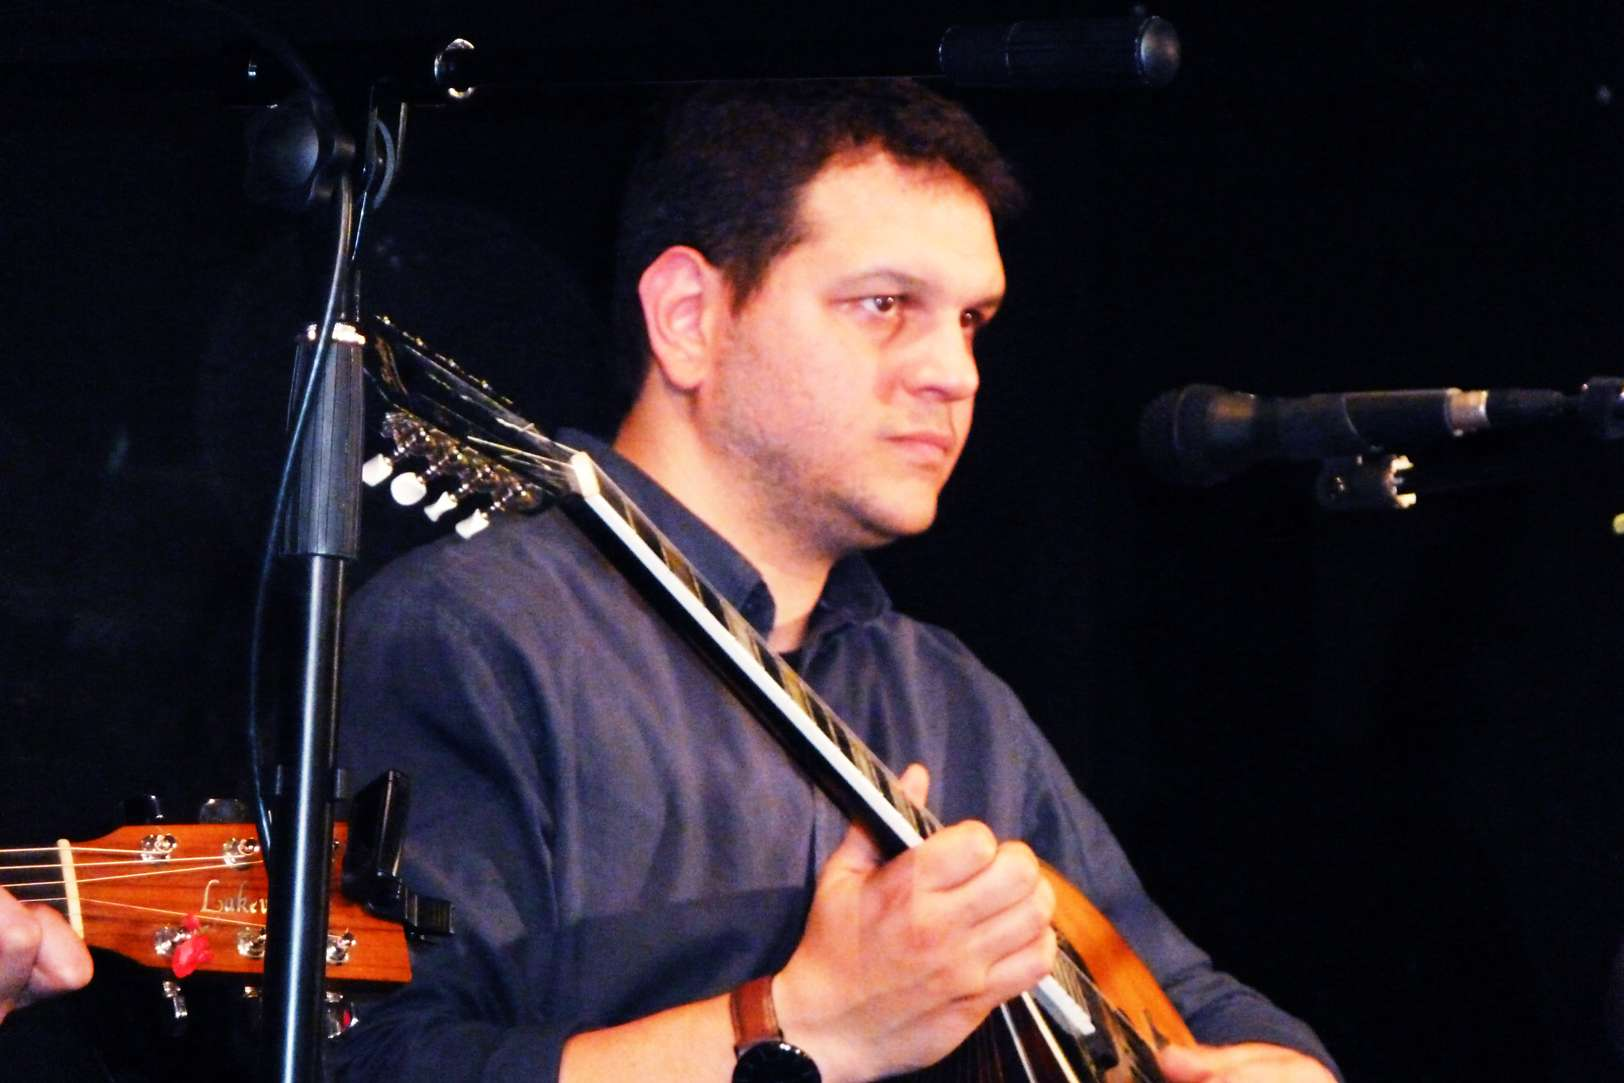 Βασίλης Κορακάκης